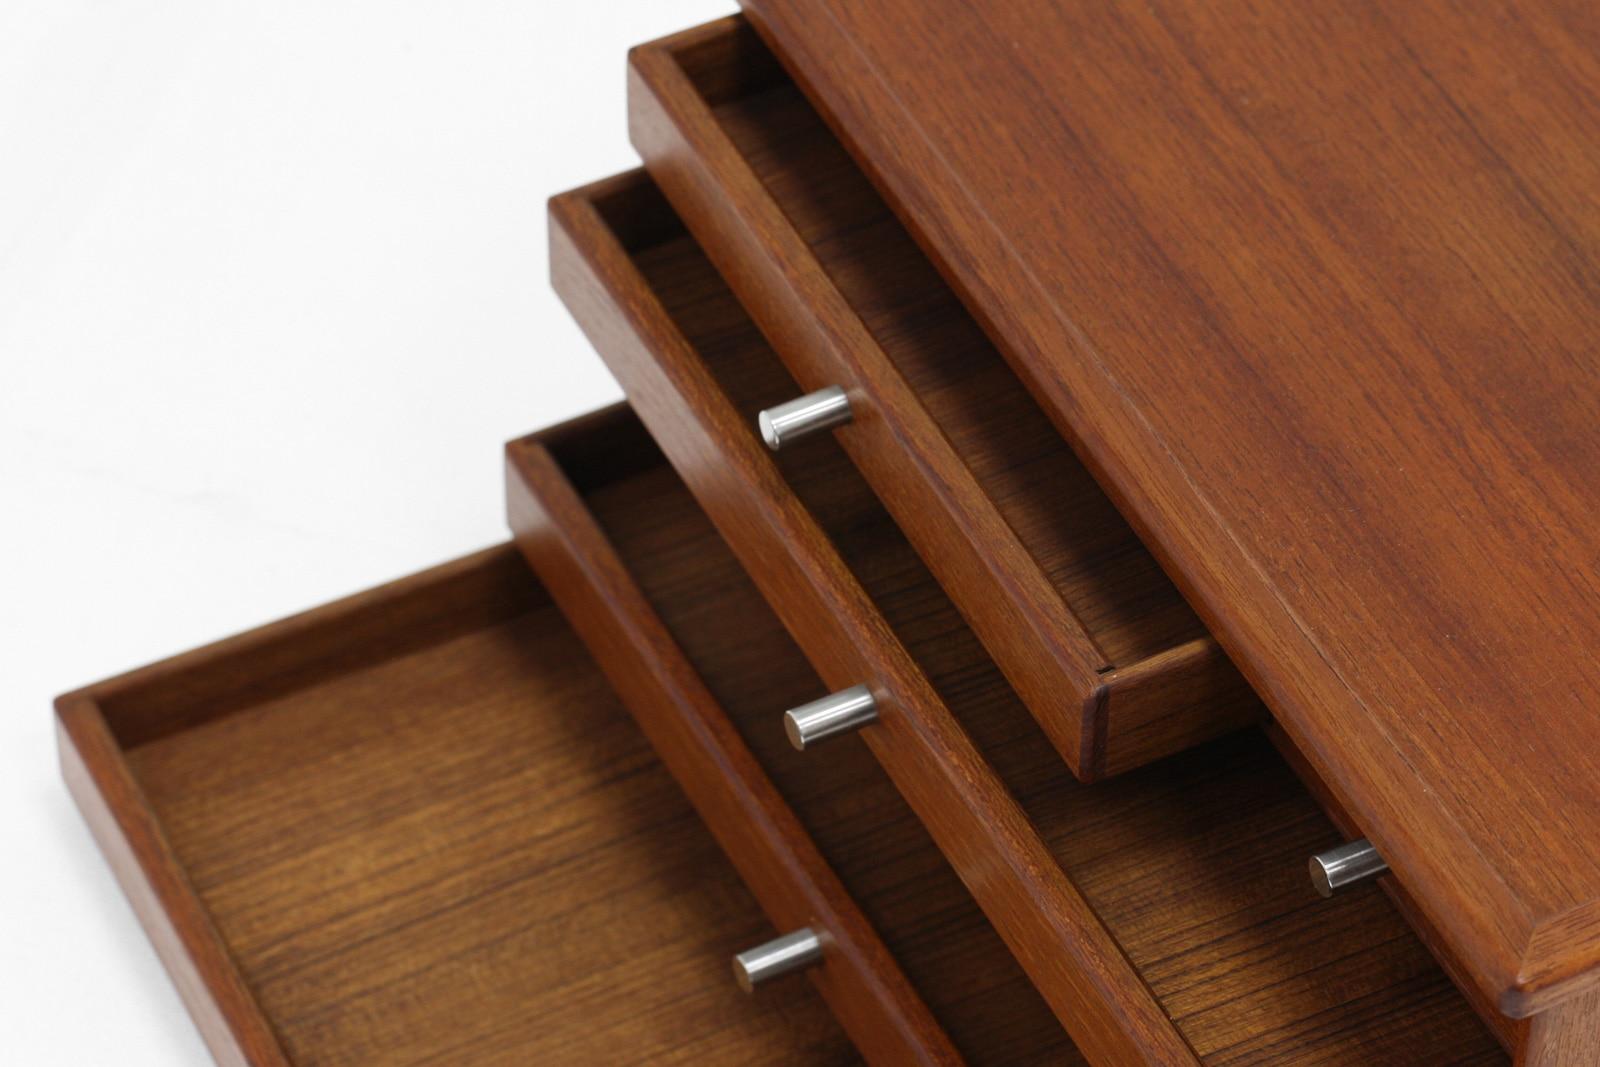 ジャパン,ヴィンテージ家具,小引き出し,チーク材